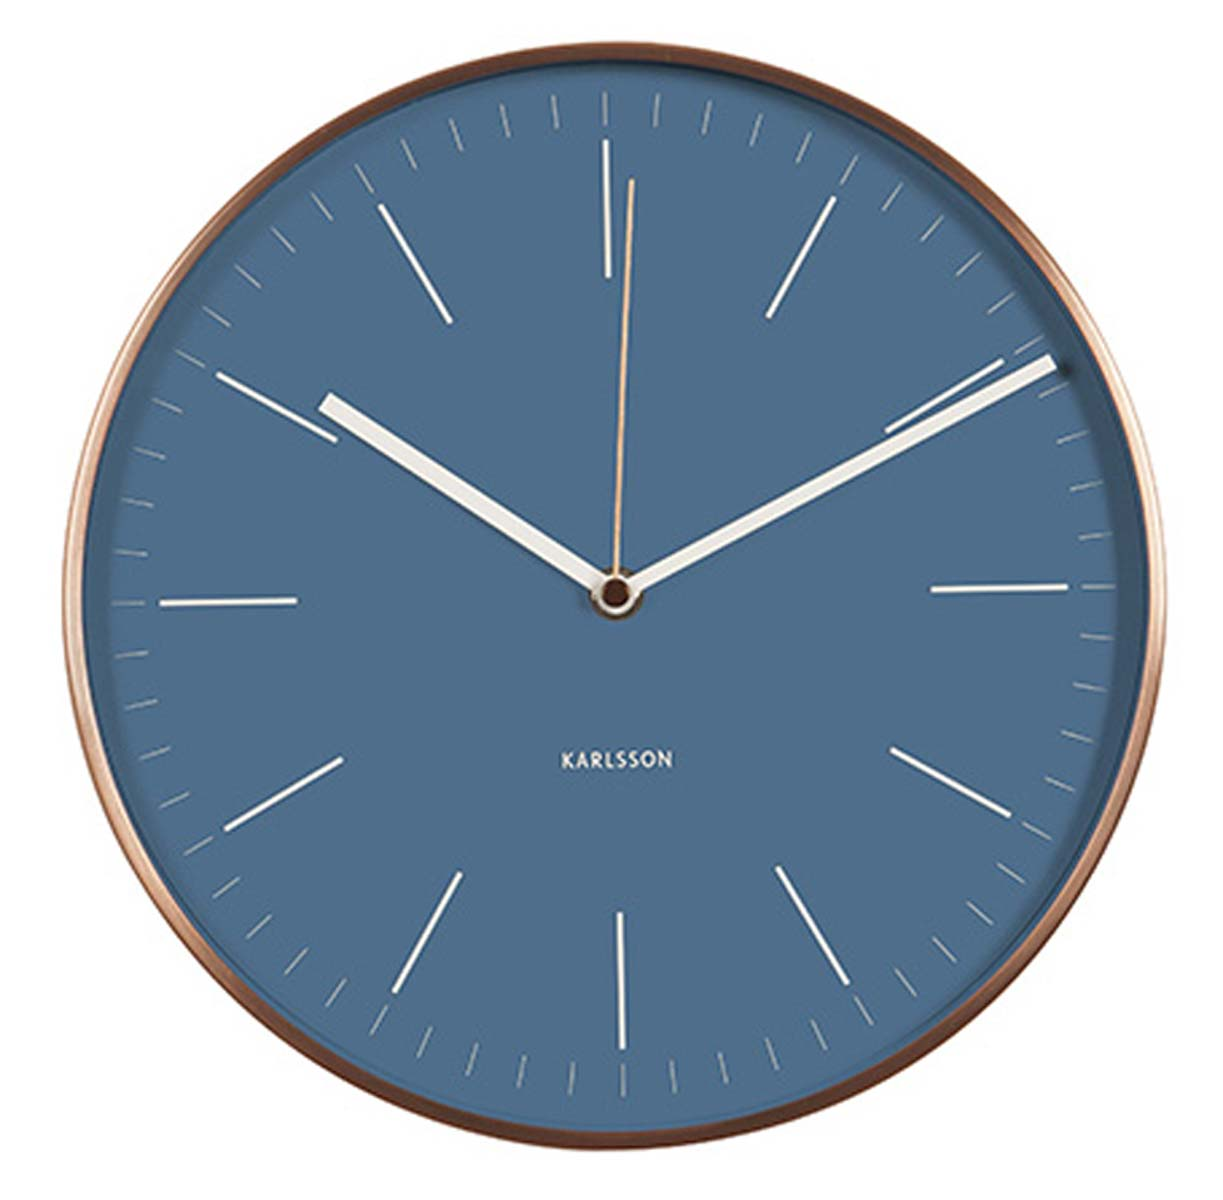 Karlsson ka5507bl horloge murale horloge de gare - Horloge de gare murale ...